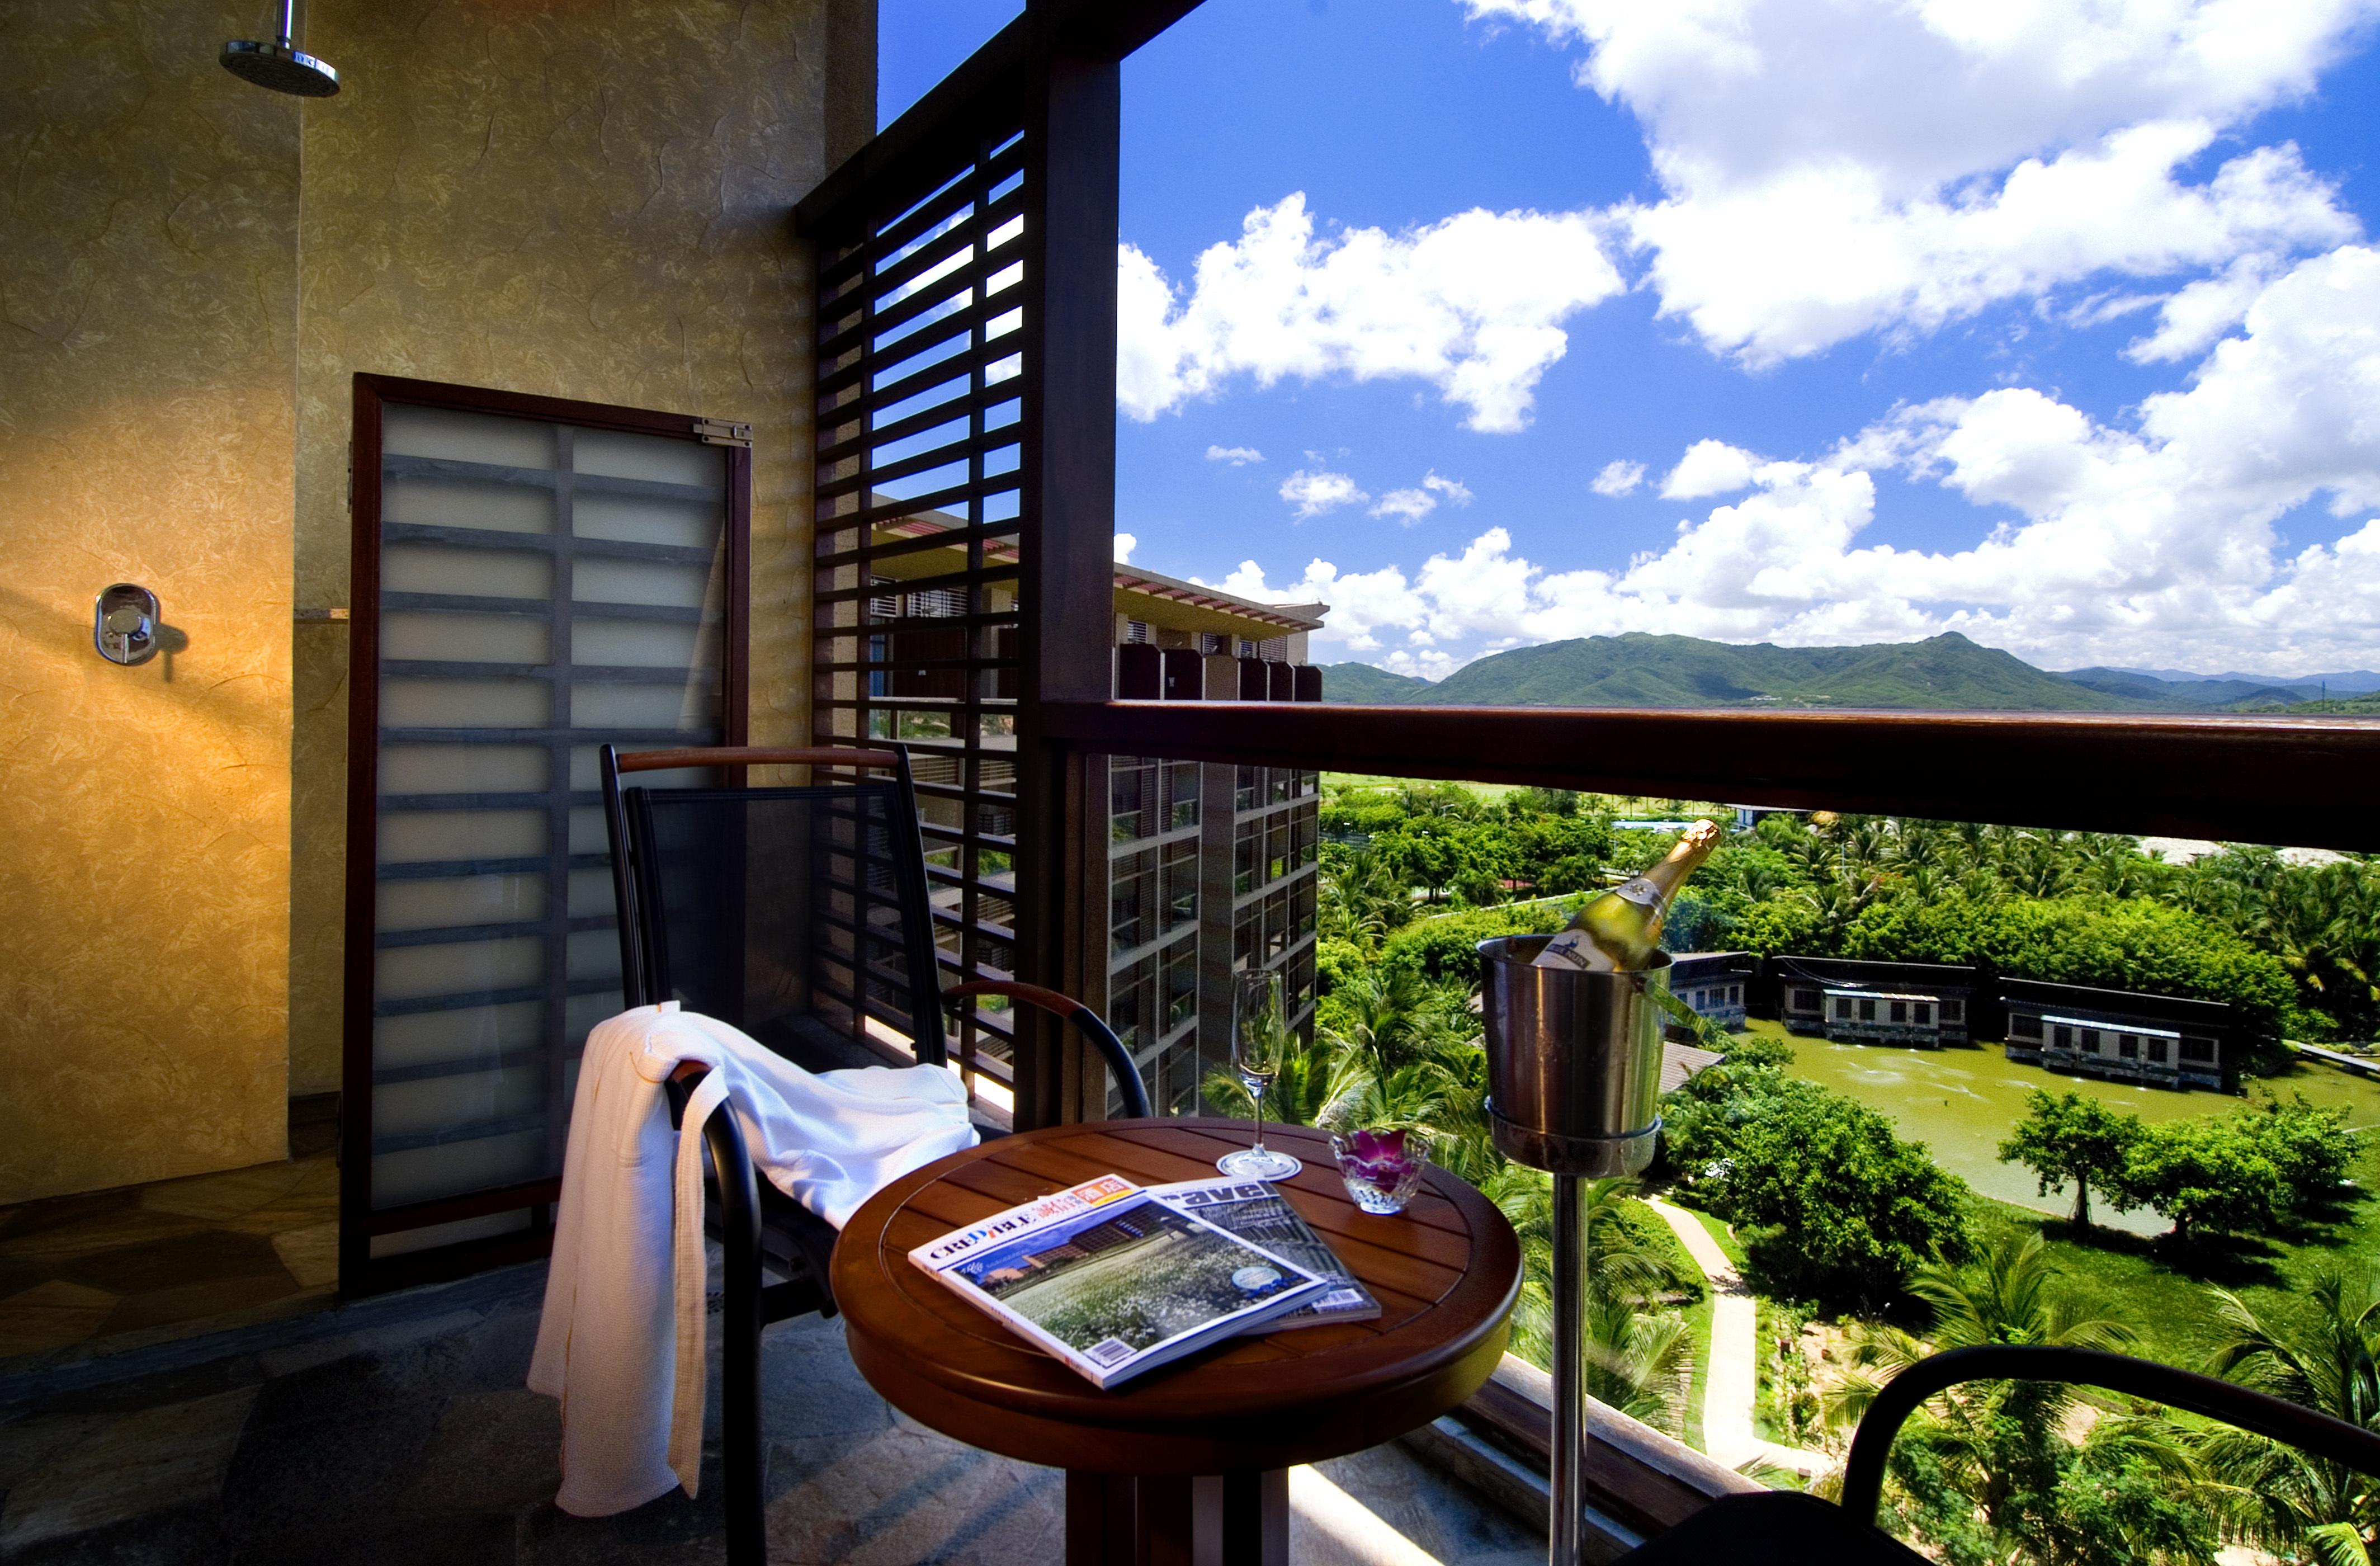 三亚亚龙湾红树林度假酒店1晚+三亚旅游观光穿梭巴士